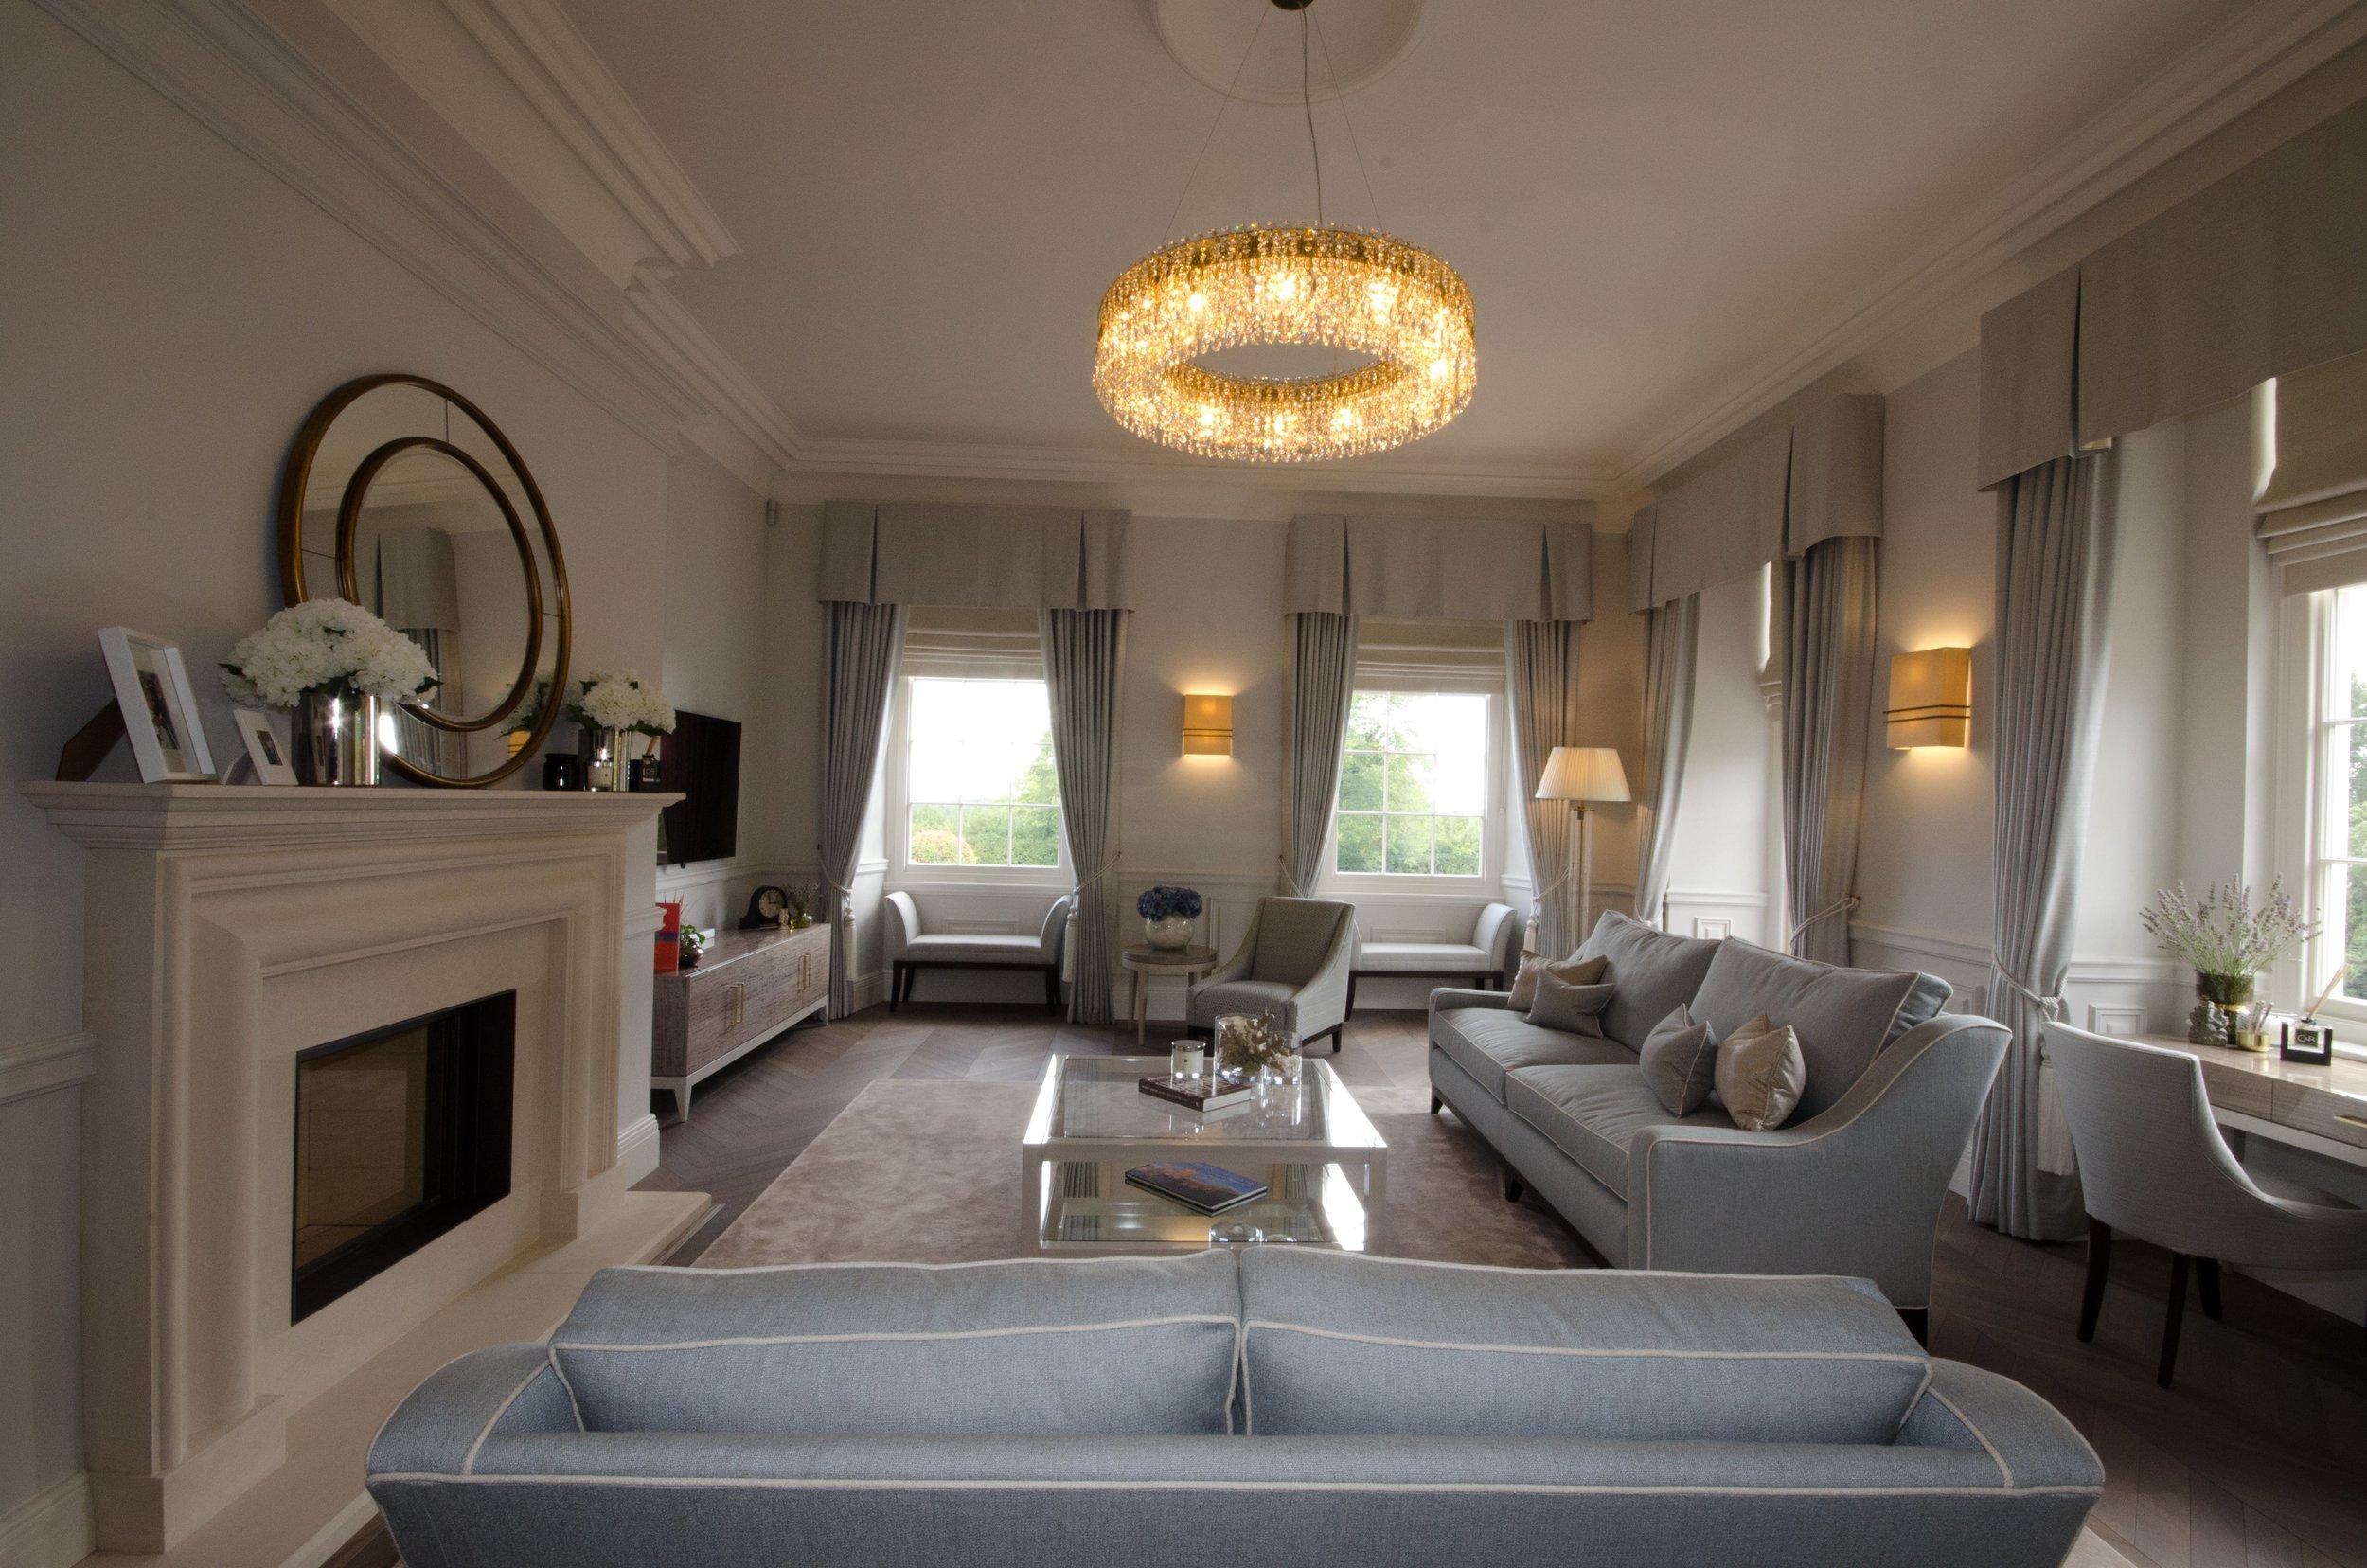 private-apartment-united-kingdom-wranovsky-crystal-chandelier-1.jpg